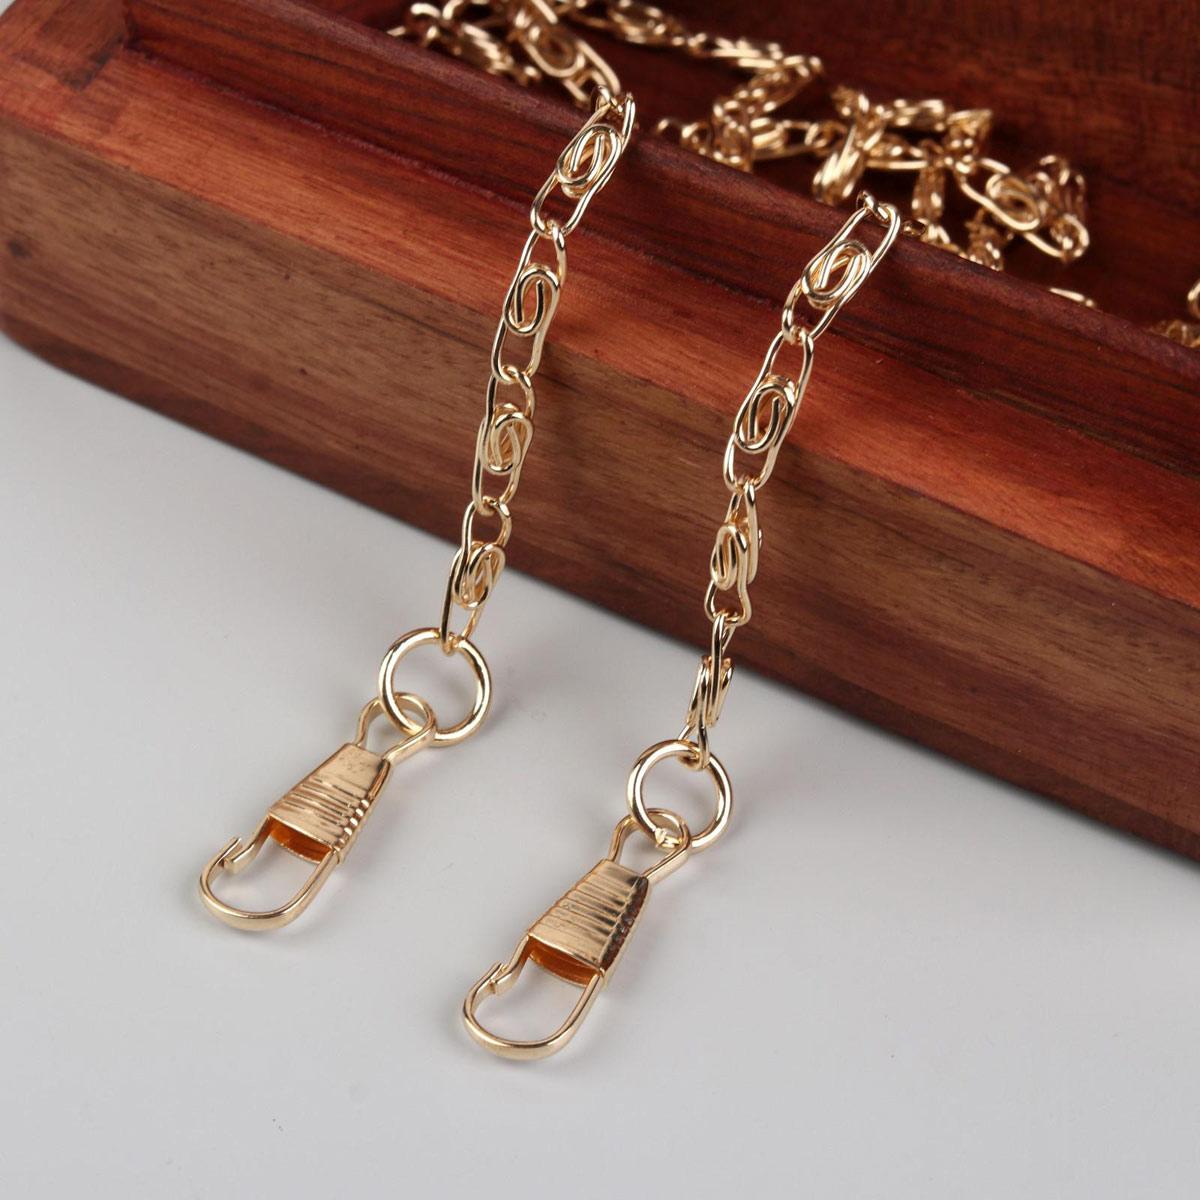 3636029 Цепочка для сумки с карабинами 120см 13*4мм золотой